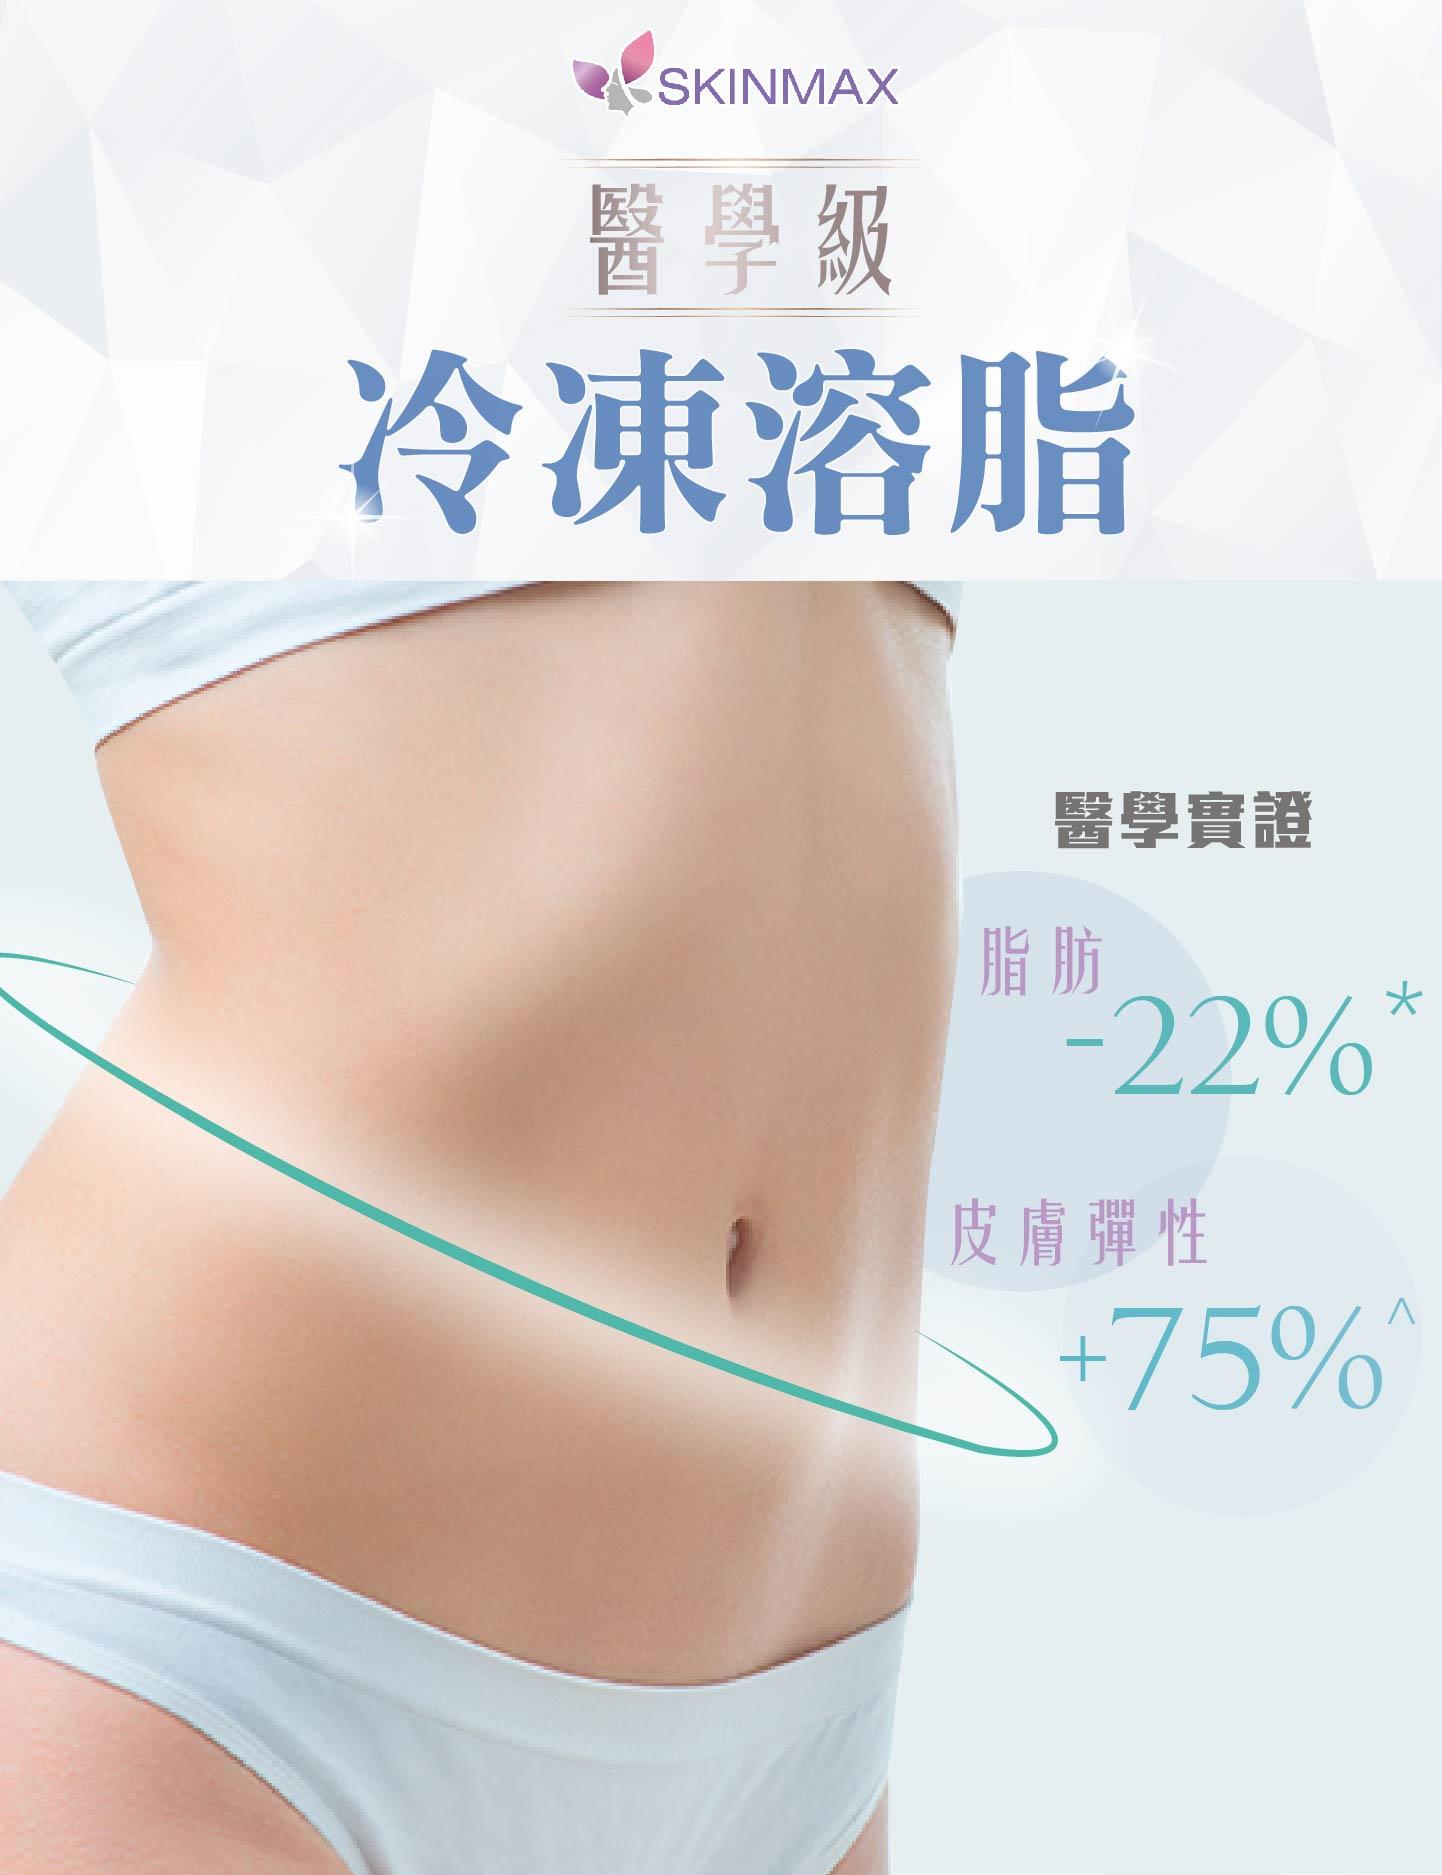 Skinmax醫學級冷凍溶脂